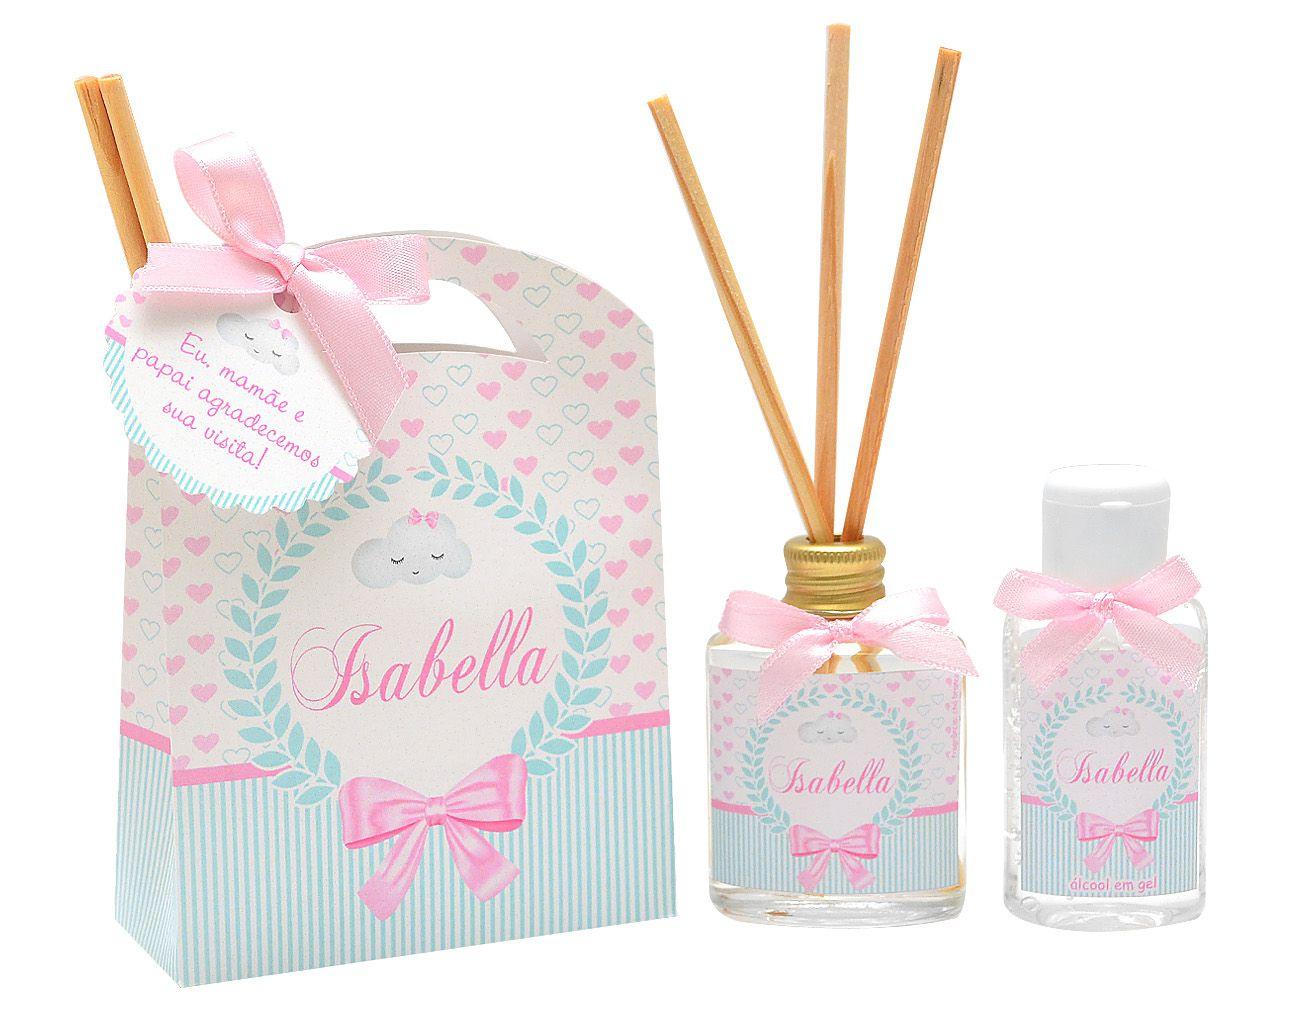 10 Lembrancinhas personalizadas caixinha com difusor e ambiente e álcool em gel tema nuvem chuva de amor  - Valentina Milan Lembrancinhas